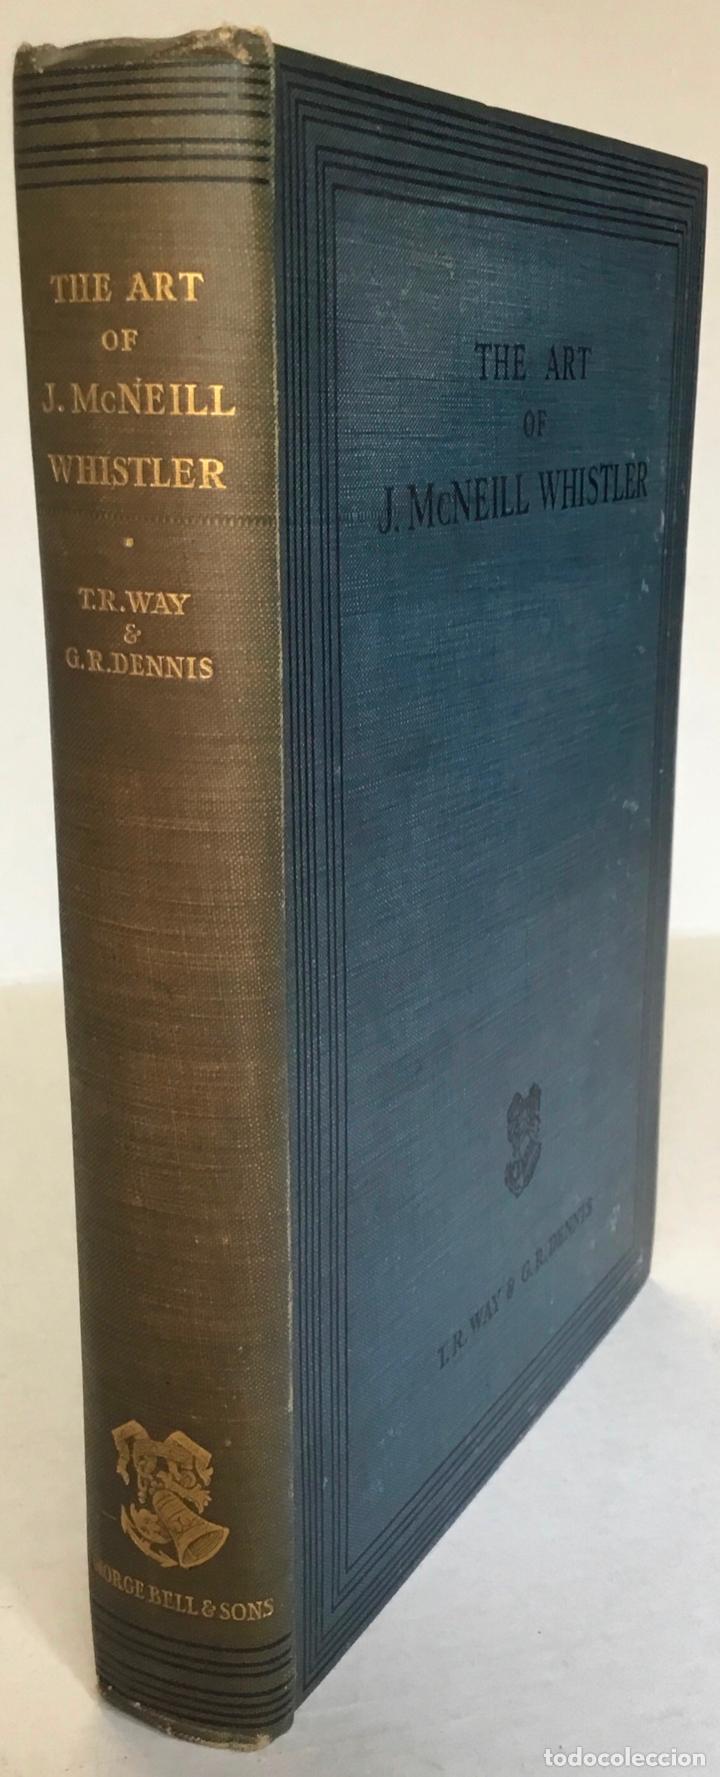 THE ART OF JAMES MCNEILL WHISTLER. AN APPRECIATION BY... - WAY, T. R.;DENNIS, G. R. (Libros Antiguos, Raros y Curiosos - Bellas artes, ocio y coleccion - Pintura)